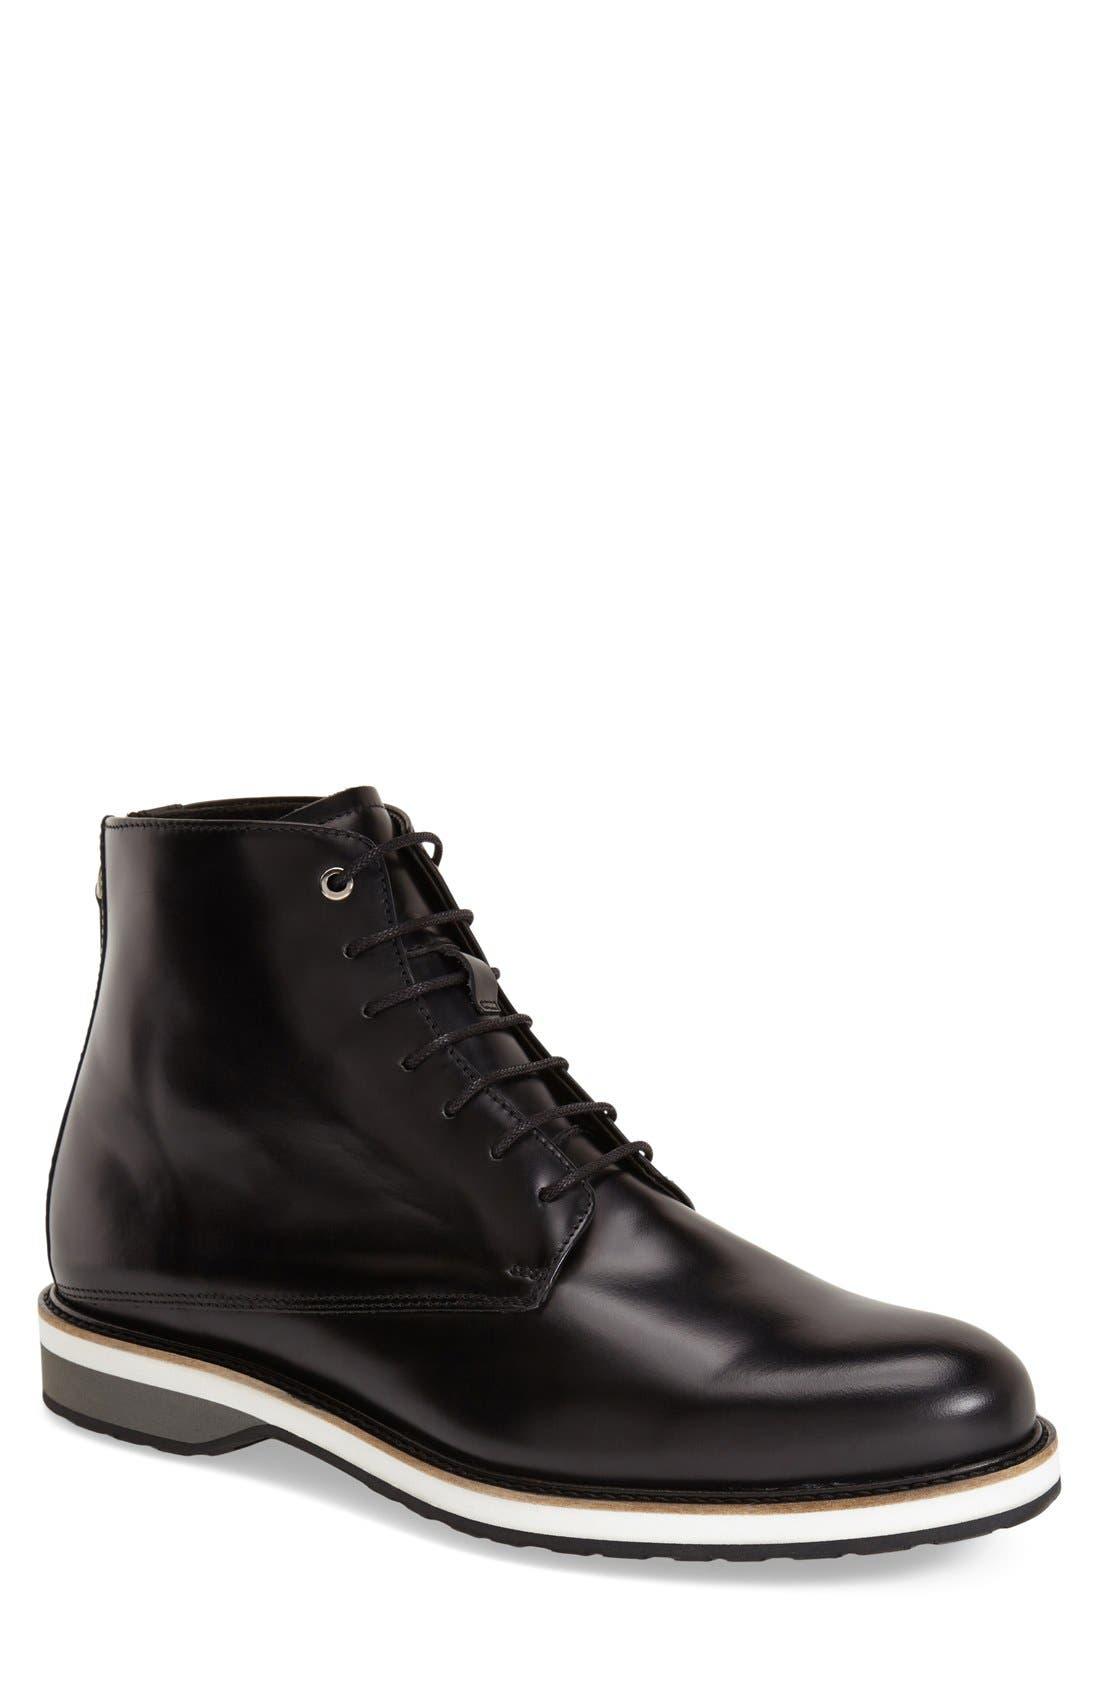 WANT Les Essentielsde la Vie 'Montoro' Plain Toe Boot (Men)